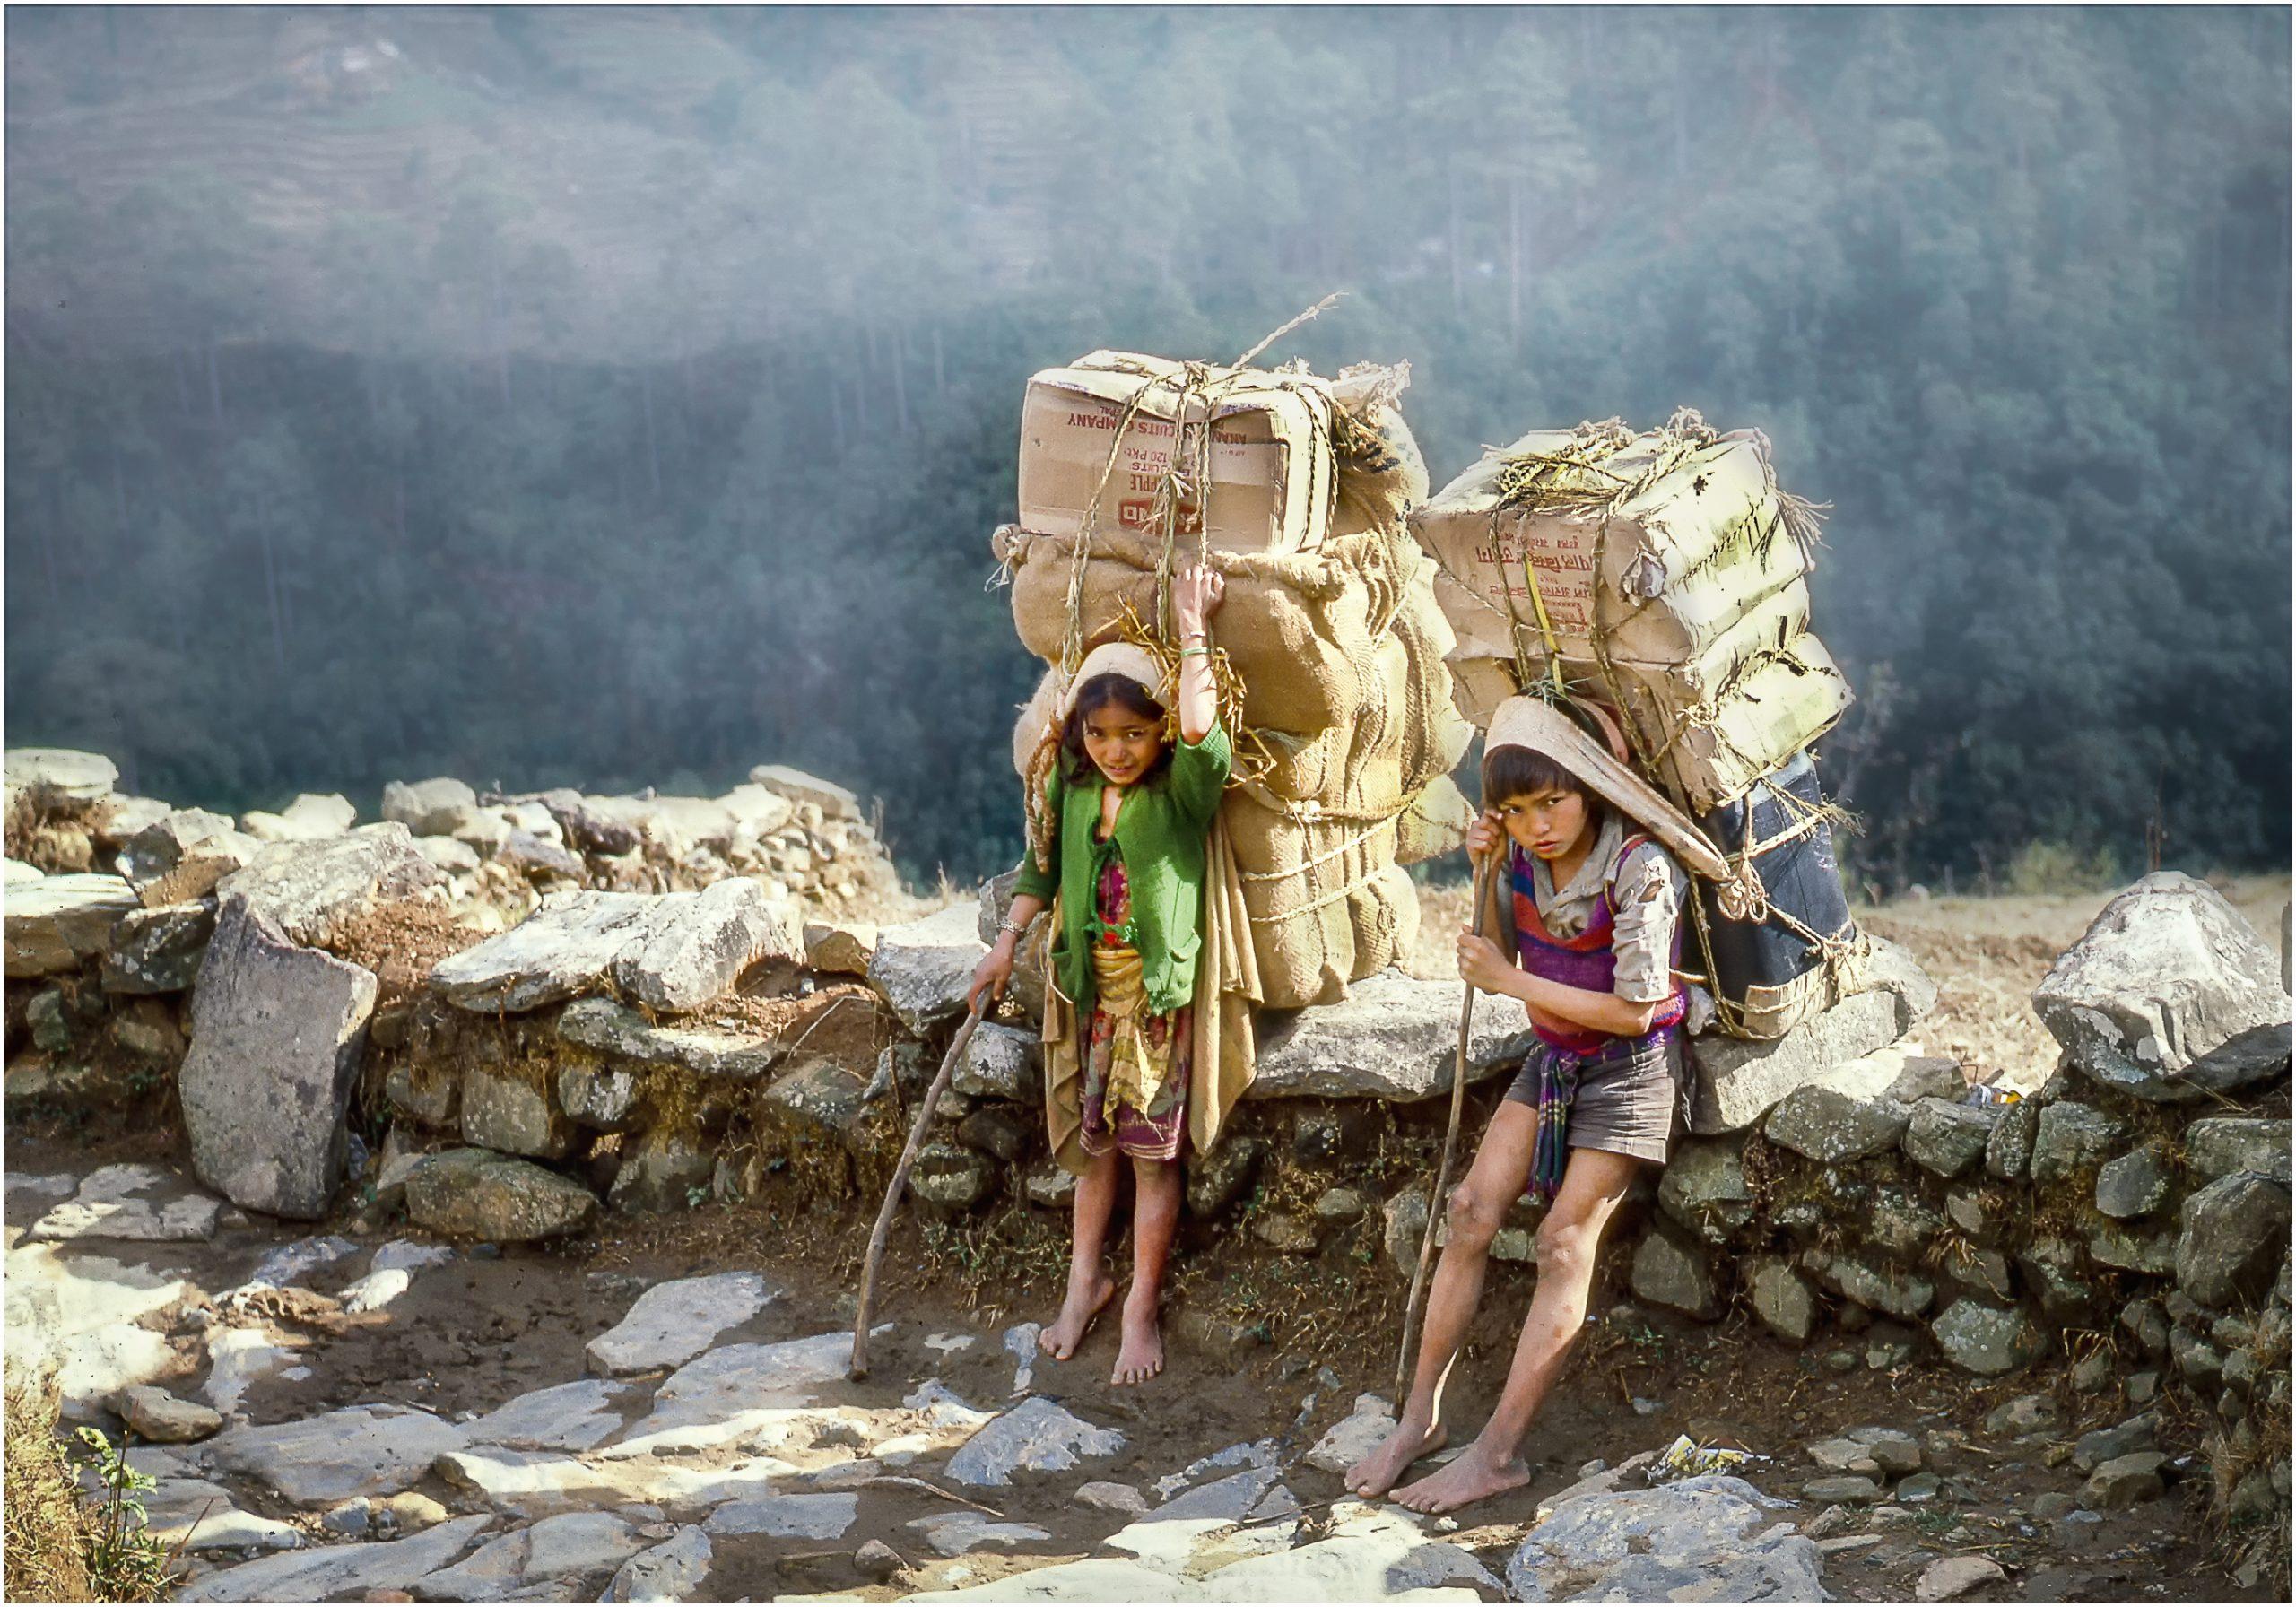 Zdjęcie konkursowe z wystawy pod tytułem Dziecko - Dwójka dzieci w Nepalu